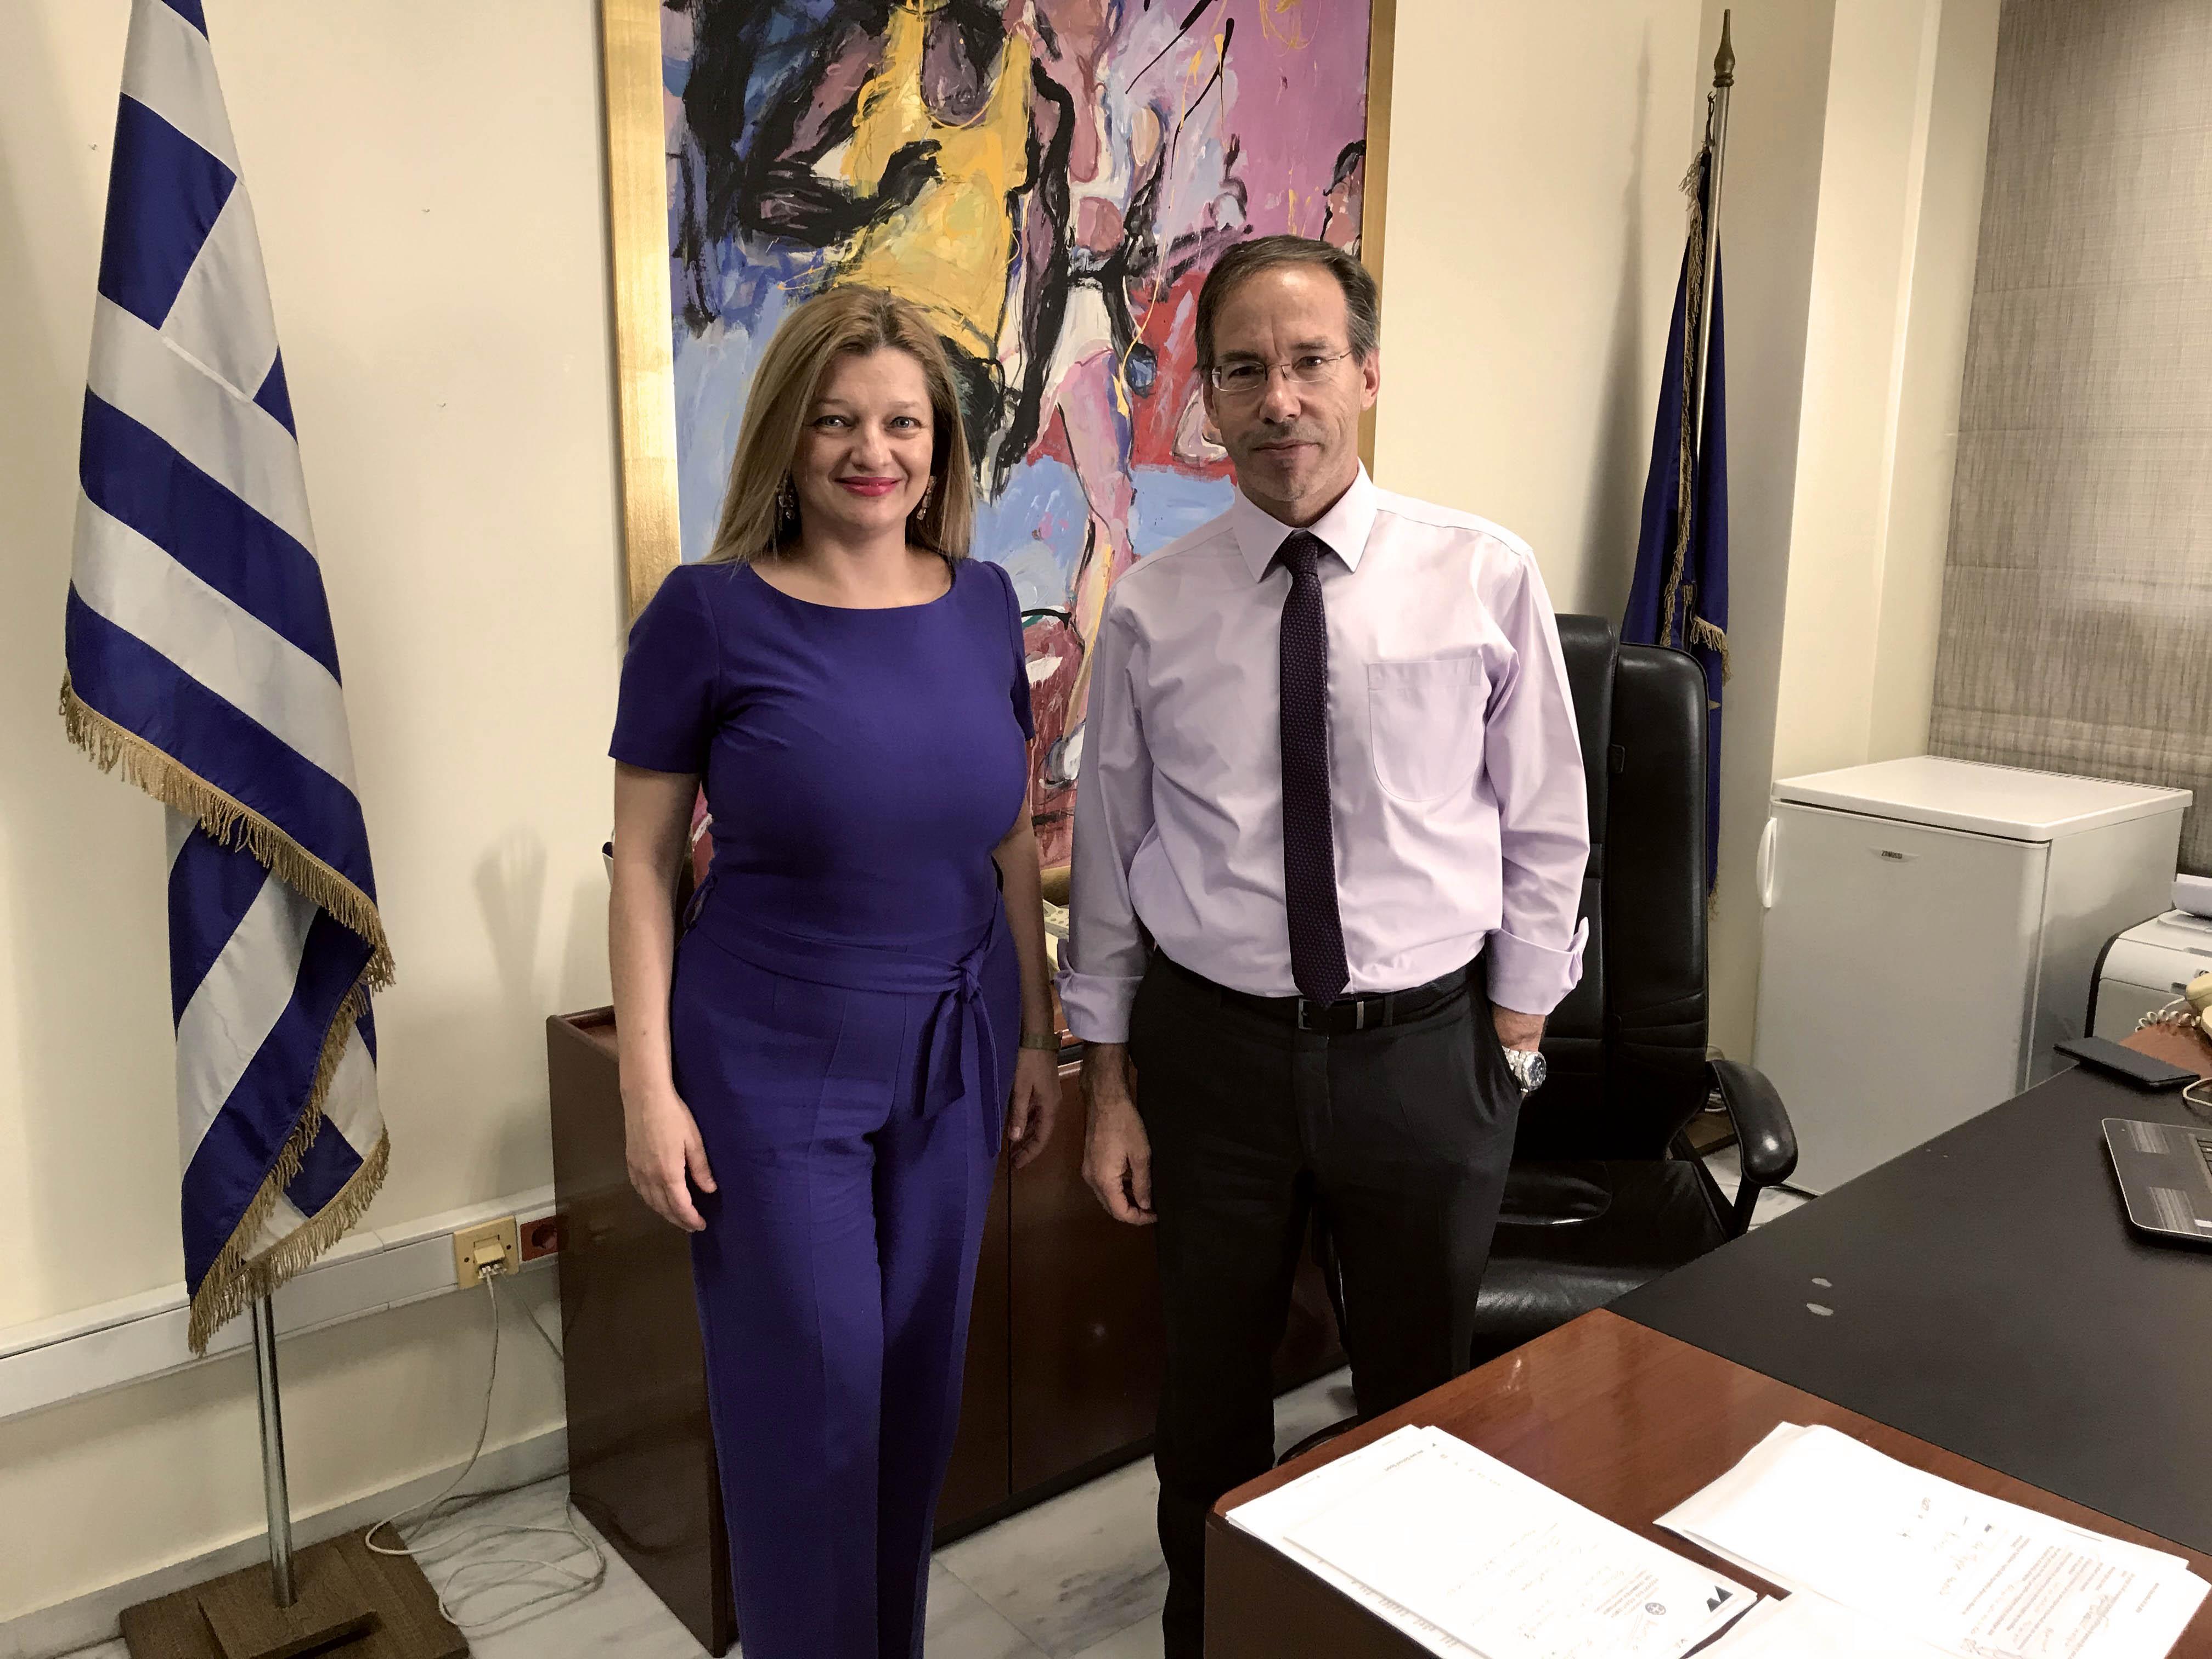 Σημαντική συνάντηση Αυγερινοπούλου με Αυγενάκη και Μαυρωτά για τον αθλητισμό στην Ηλεία (photos)